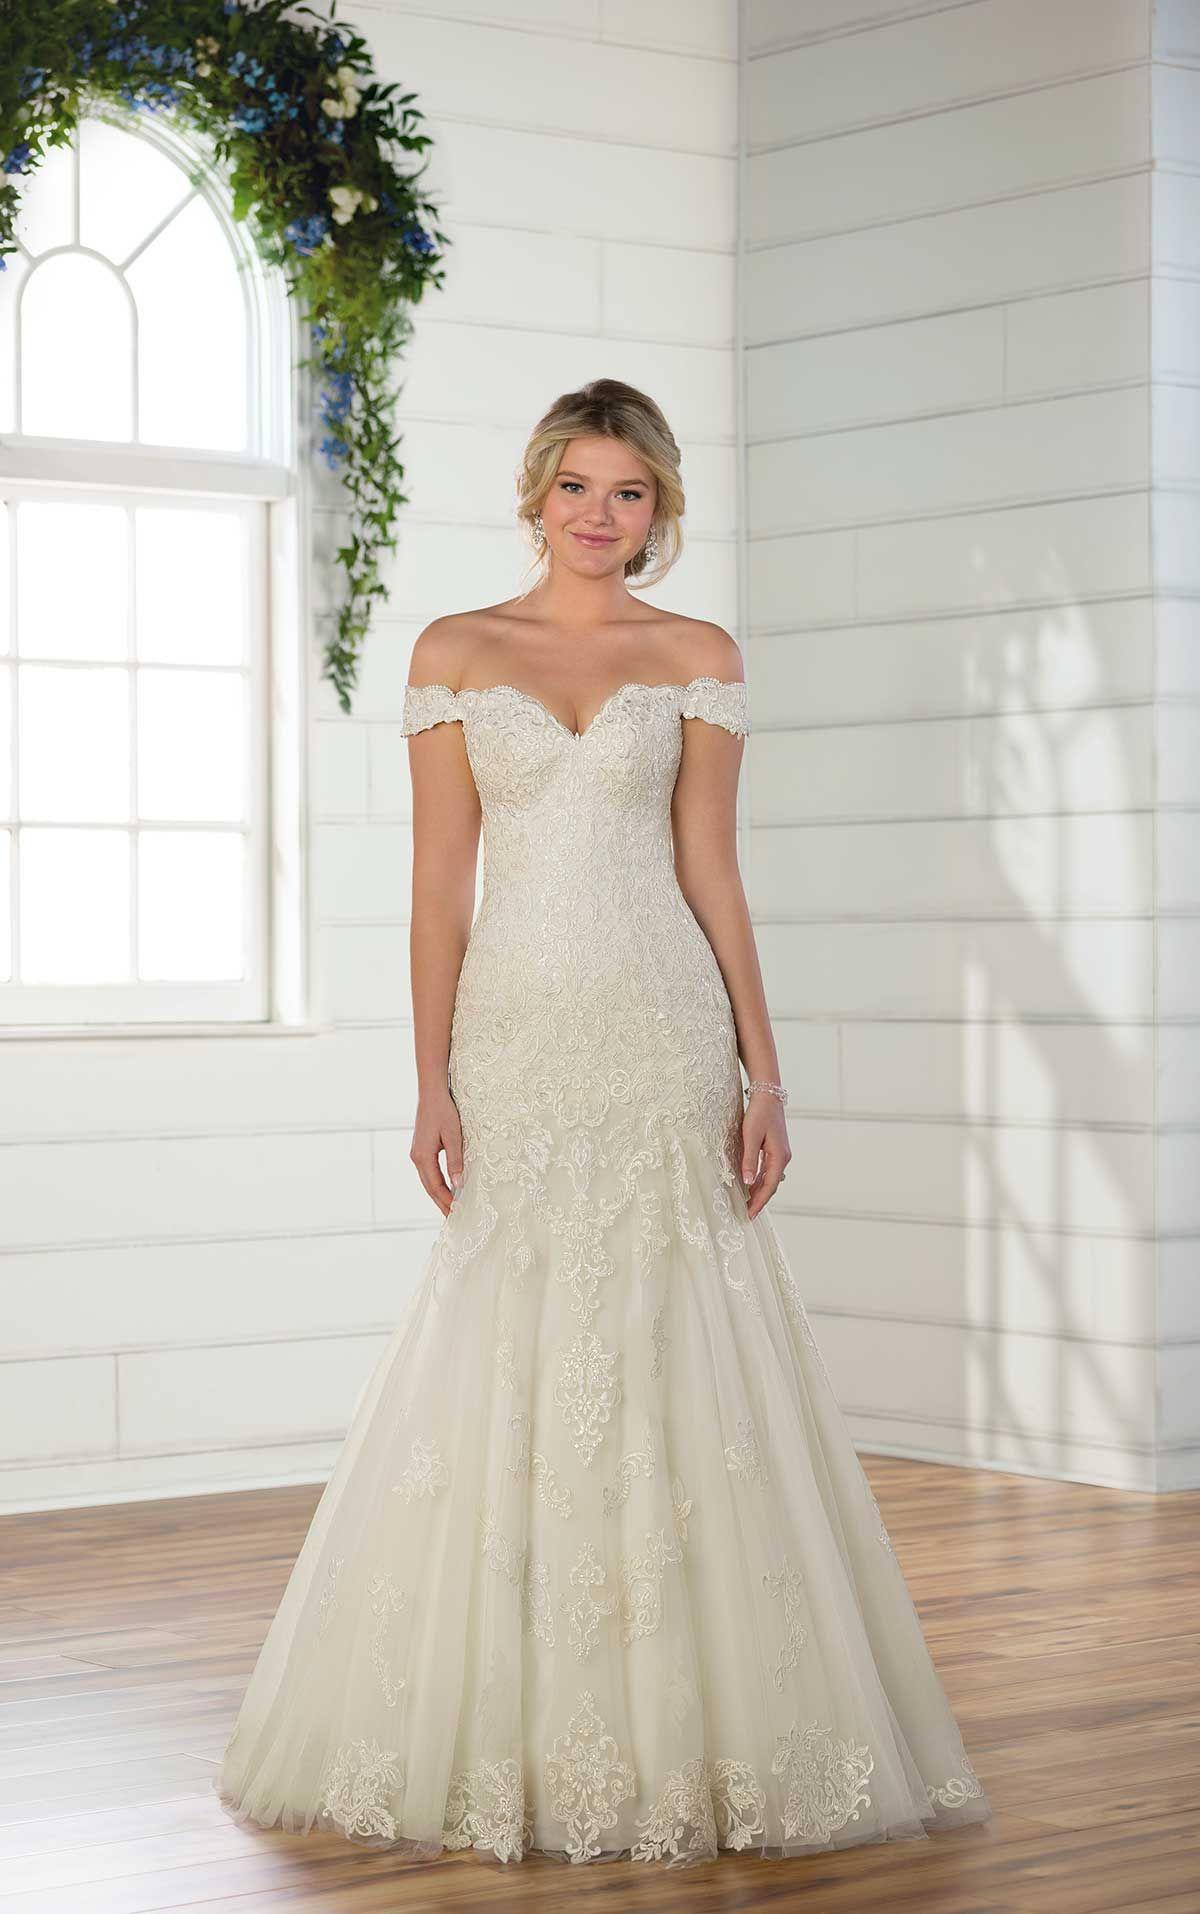 Vintage offtheshoulder wedding gown dream wedding pinterest